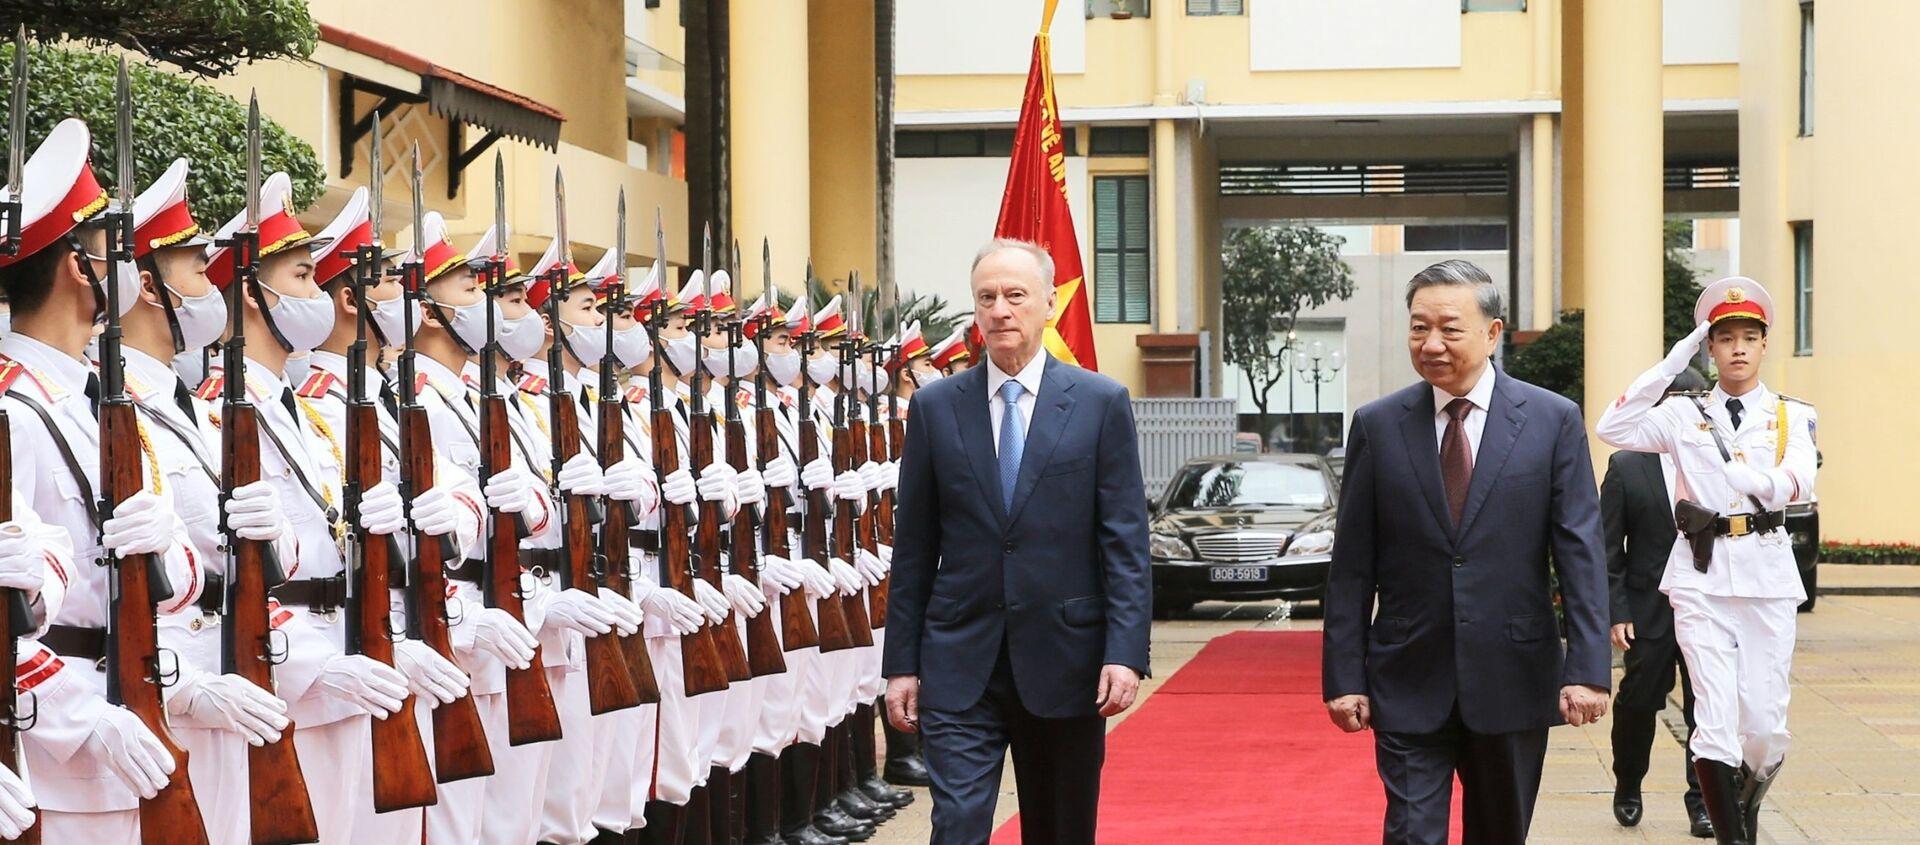 Bộ trưởng Tô Lâm và Đại tướng Nikolai Patrushev, Thư ký Hội đồng An ninh Liên bang Nga duyệt đội danh dự Công an nhân dân Việt Nam - Sputnik Việt Nam, 1920, 18.03.2021